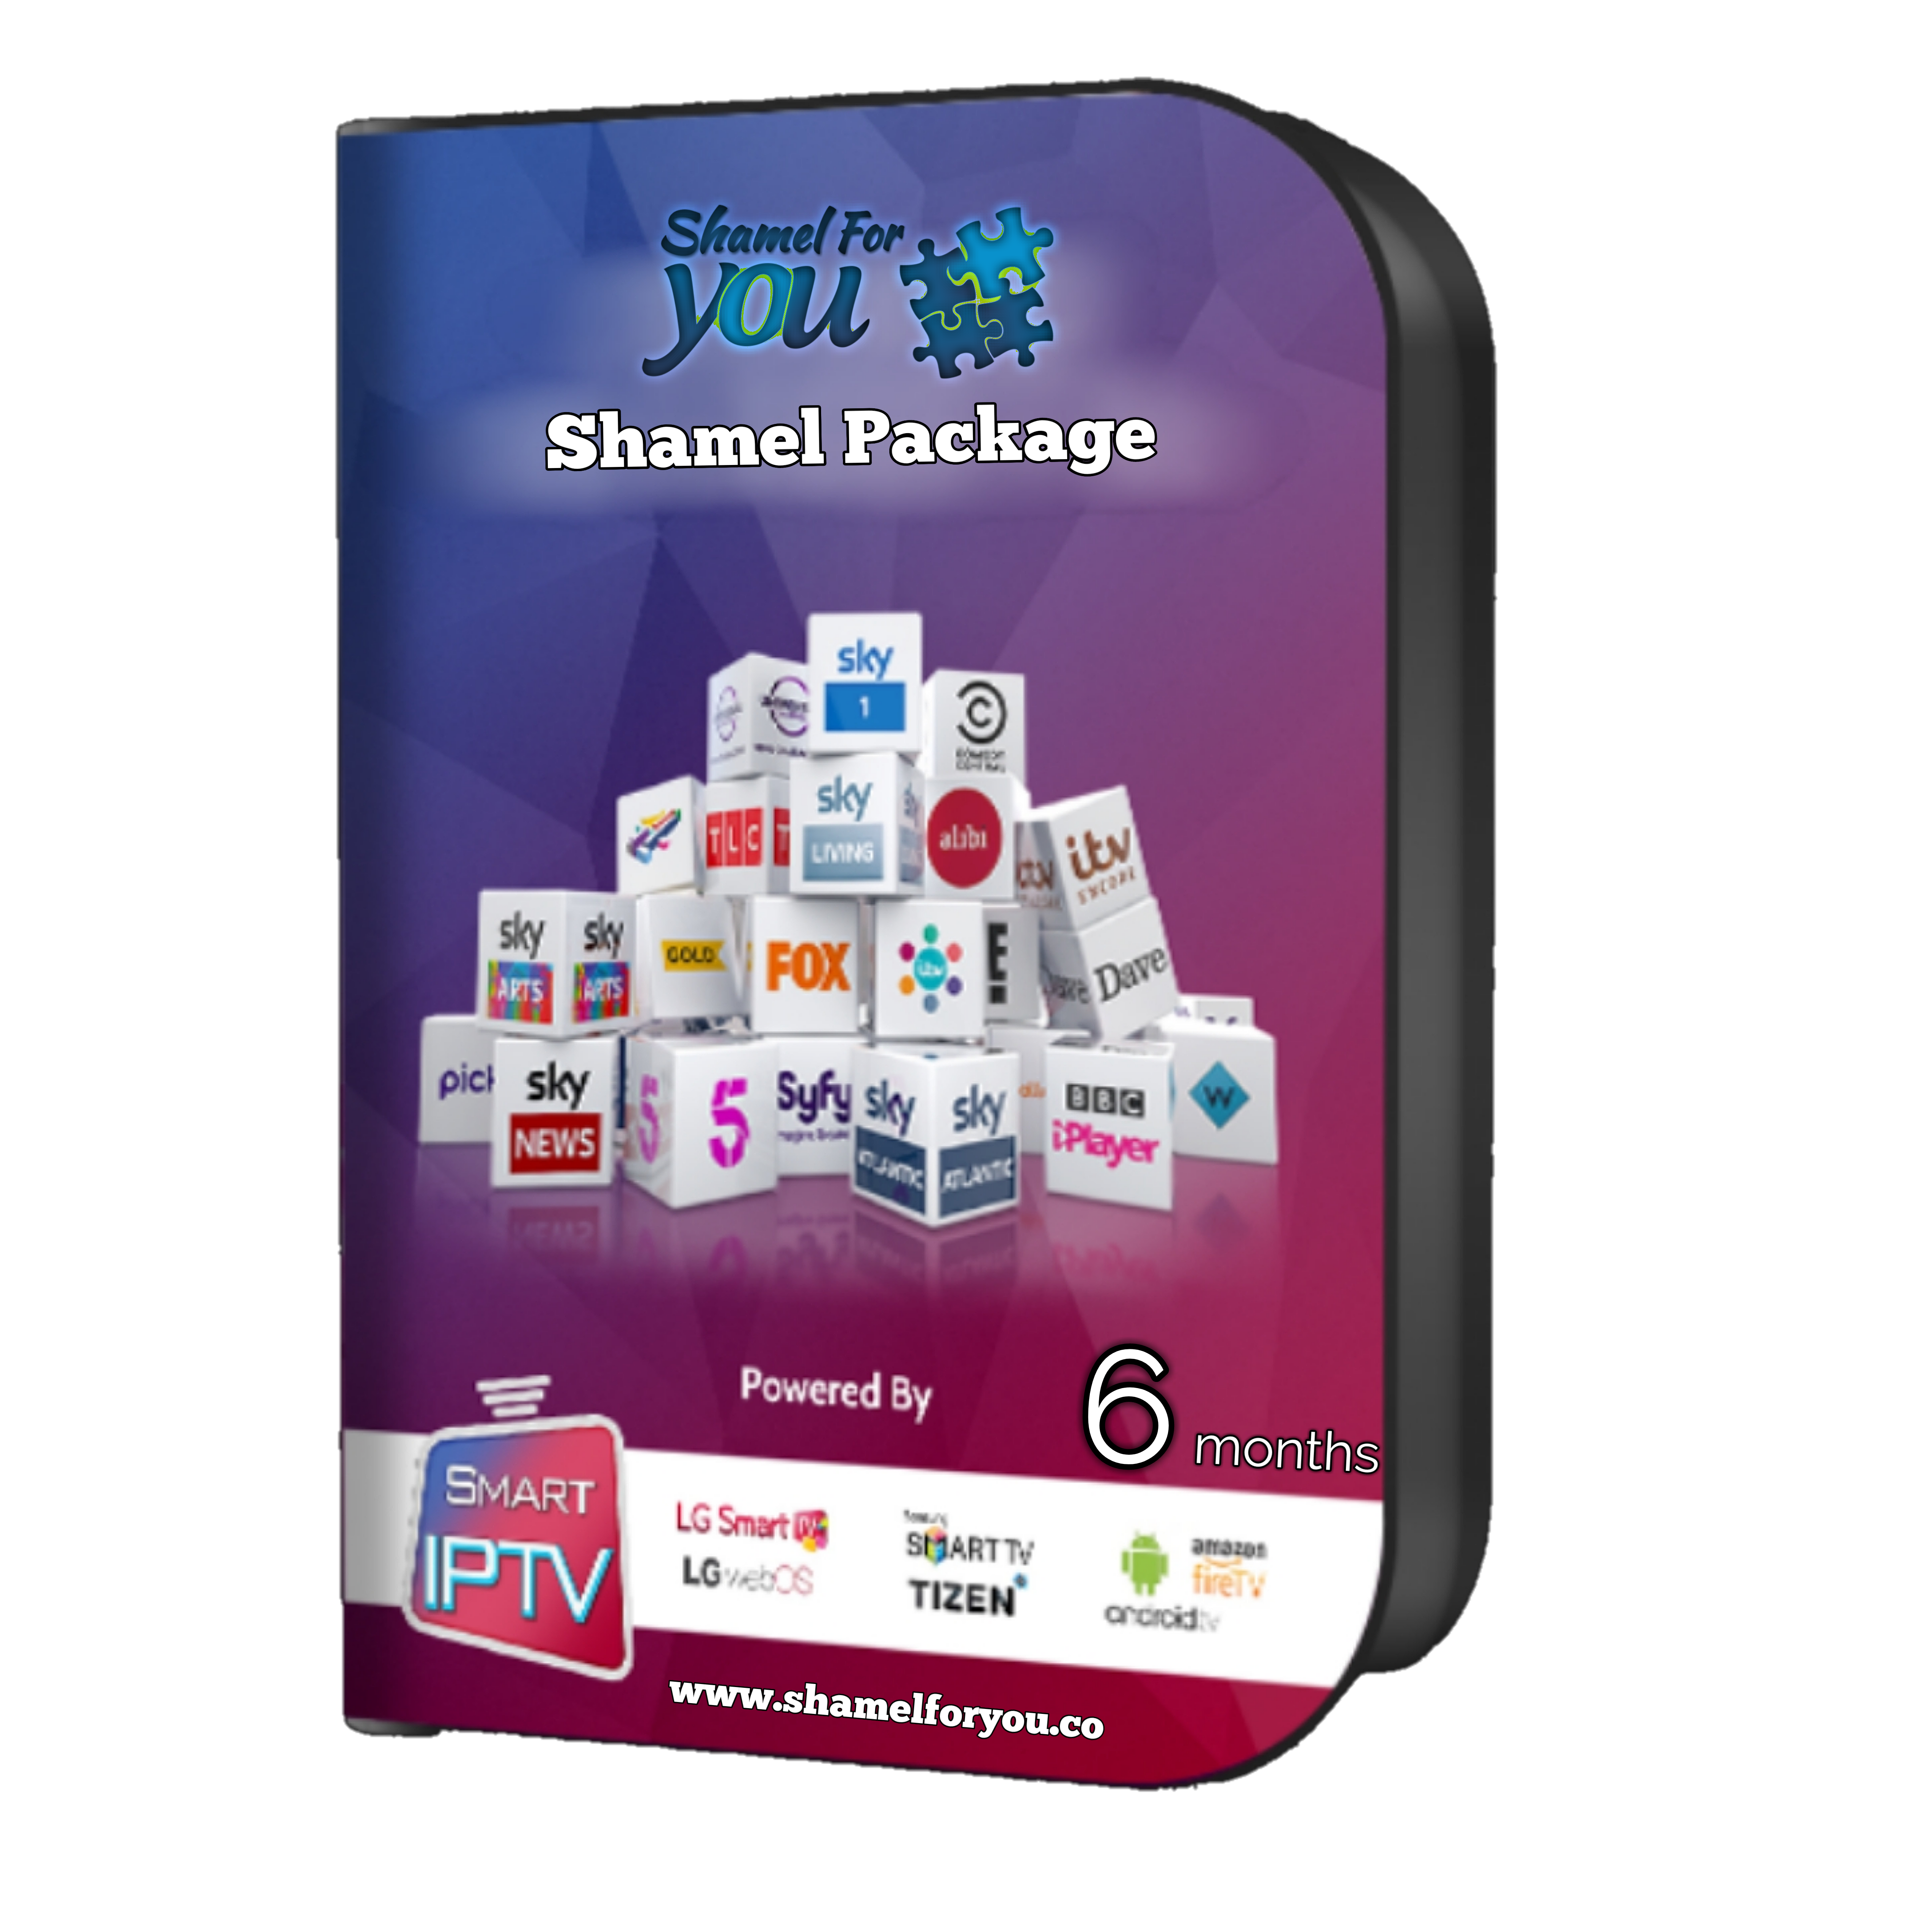 IPTV Shamel 4 You 6 months 000350